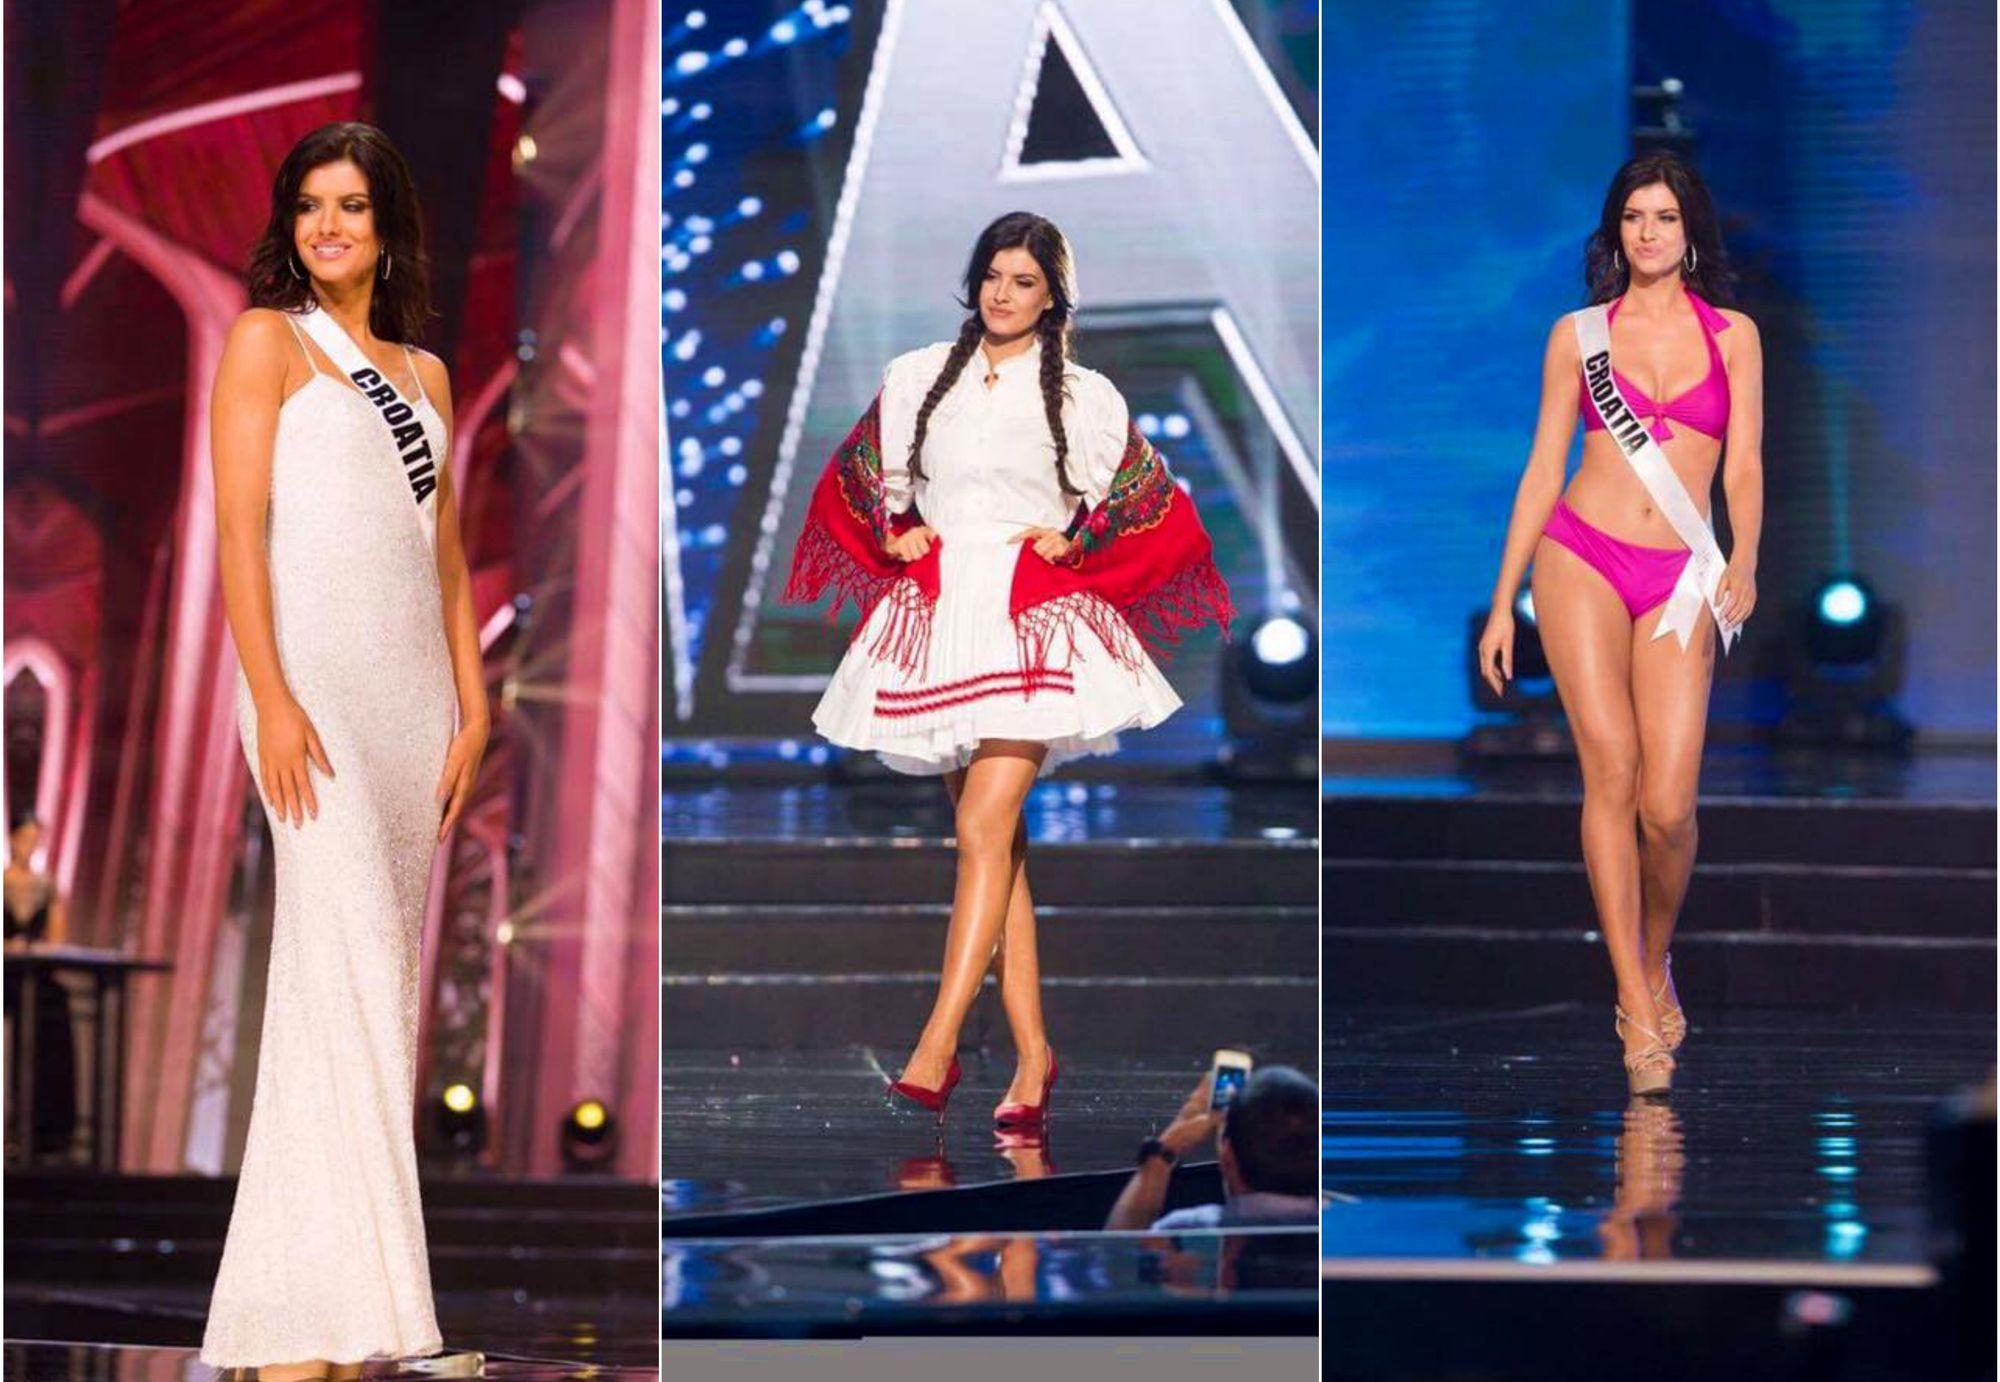 Miss Universe 2017 Croatia >> Miss Universe 2017: Miss Croatia Impresses in National Costume | Croatia Week